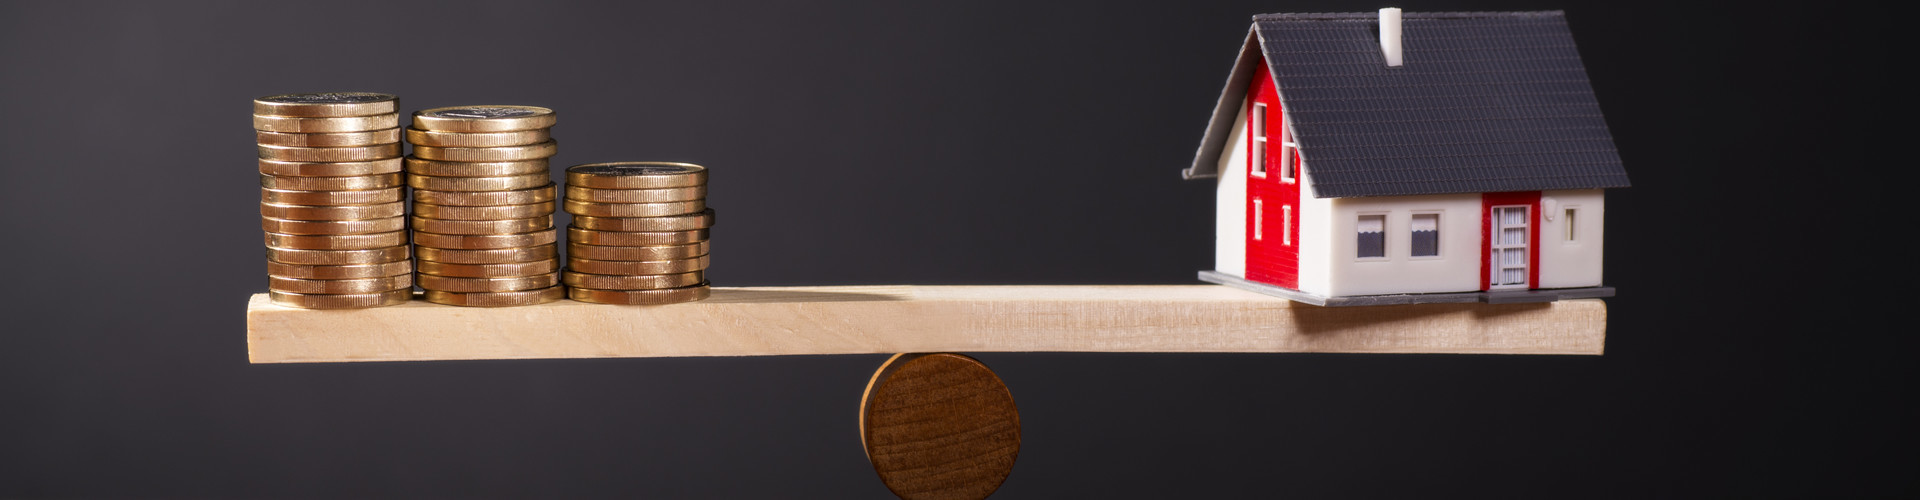 auf einer hölzernen Wippe stehen links drei Münzstapel und rechts das Modell eines Hauses, die sich die Waage halten. © Eisenhans, stock.adobe.com